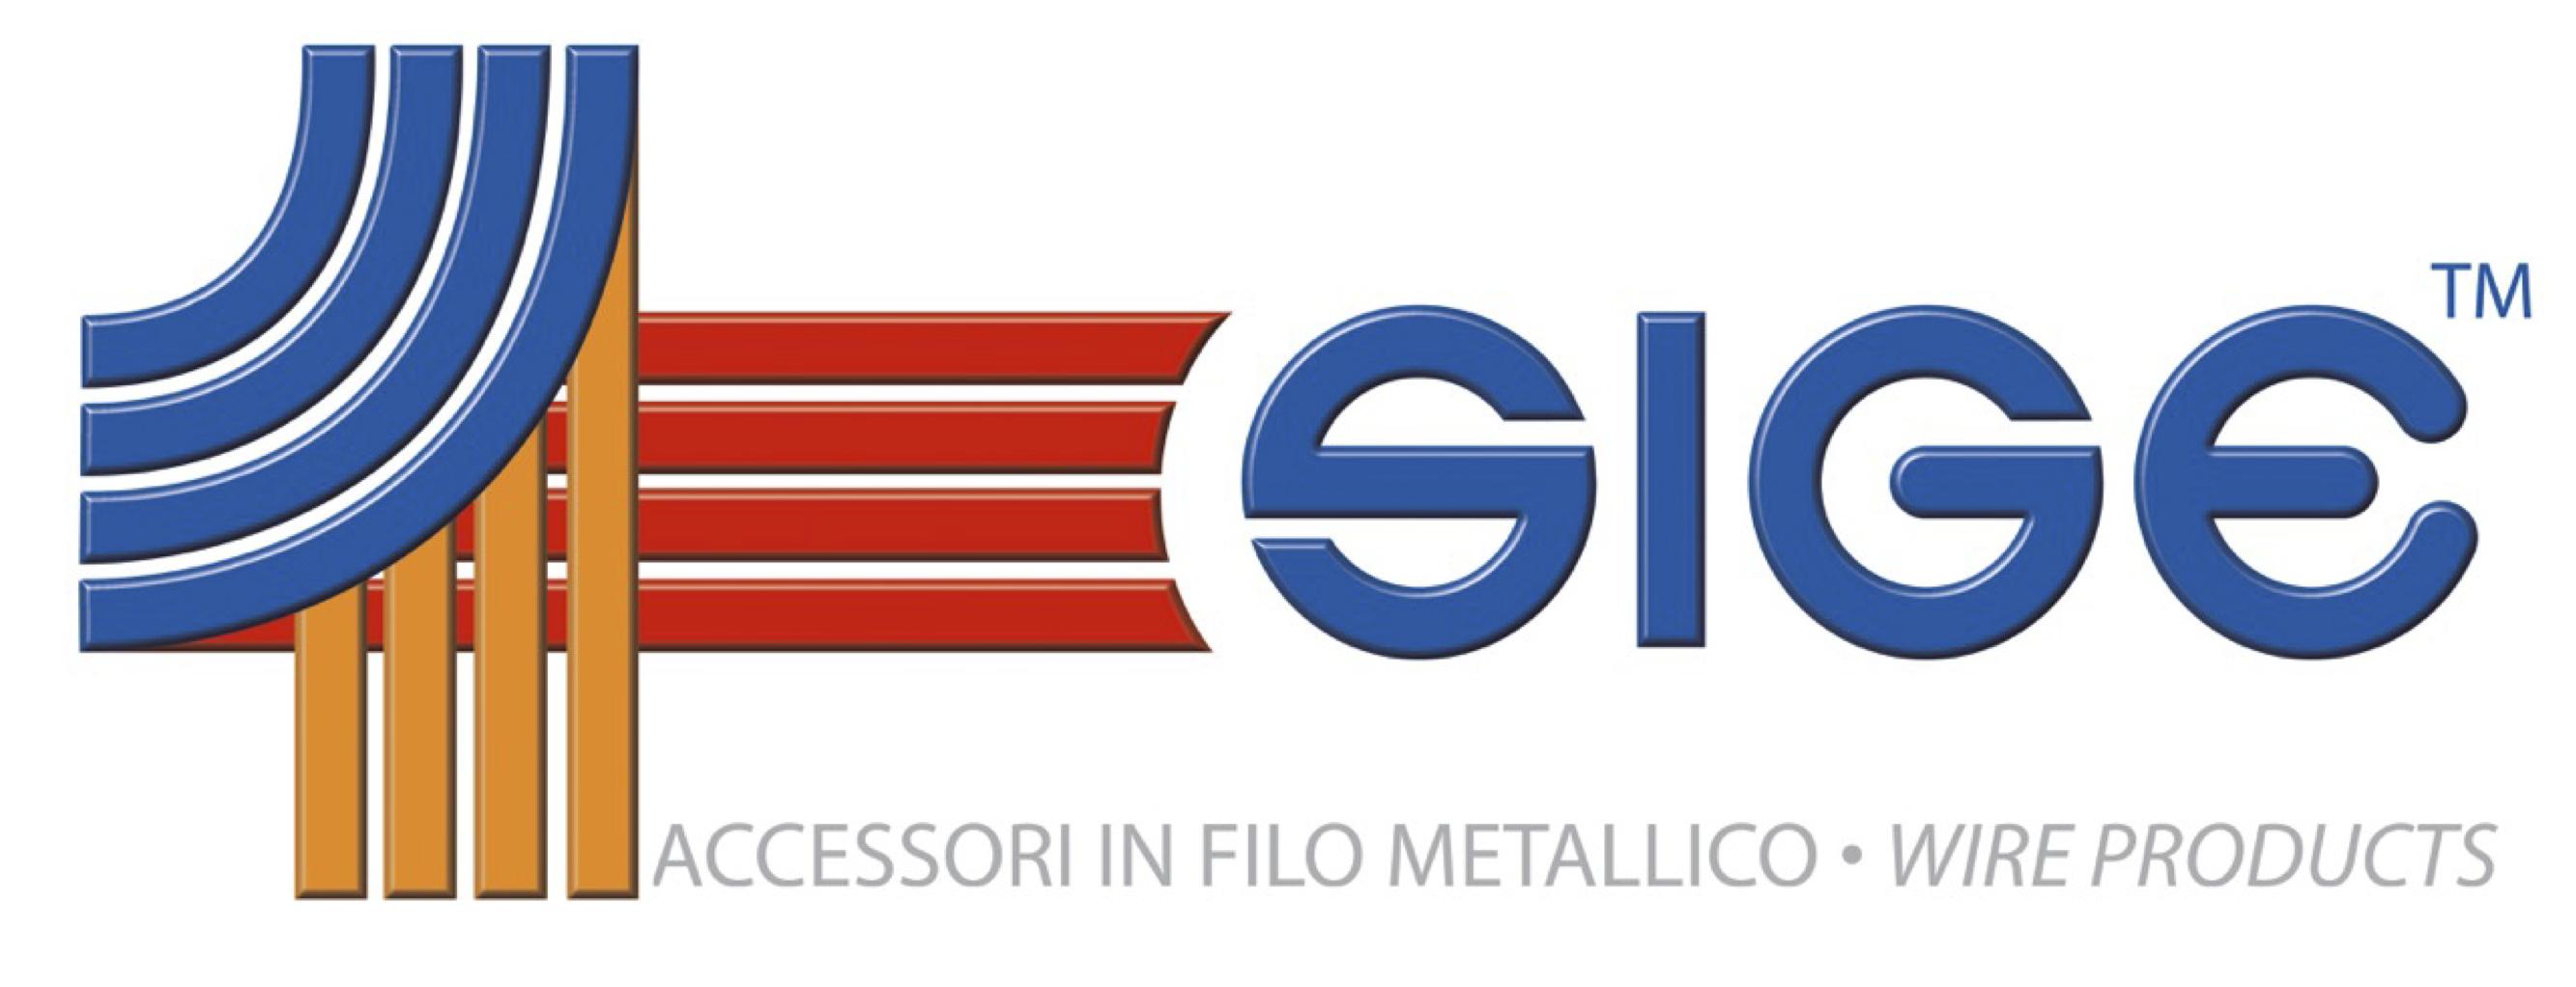 Sige-logo